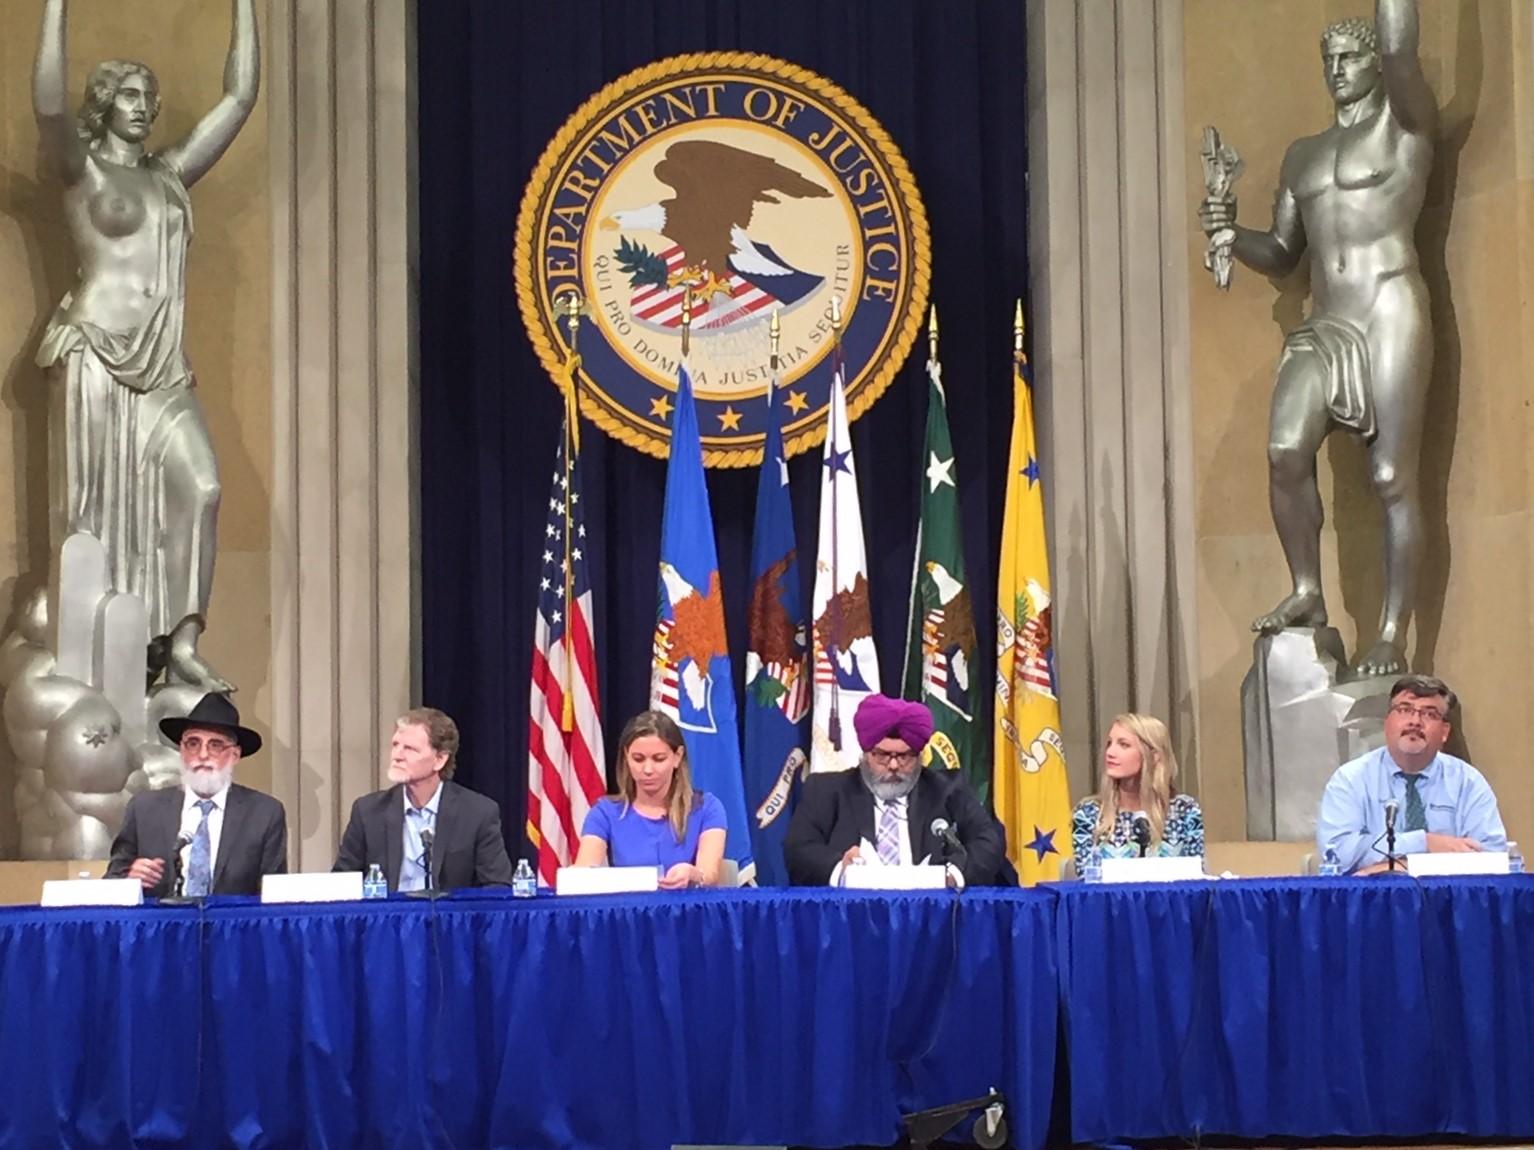 一周兩次峰會 美推進宗教信仰自由全球化